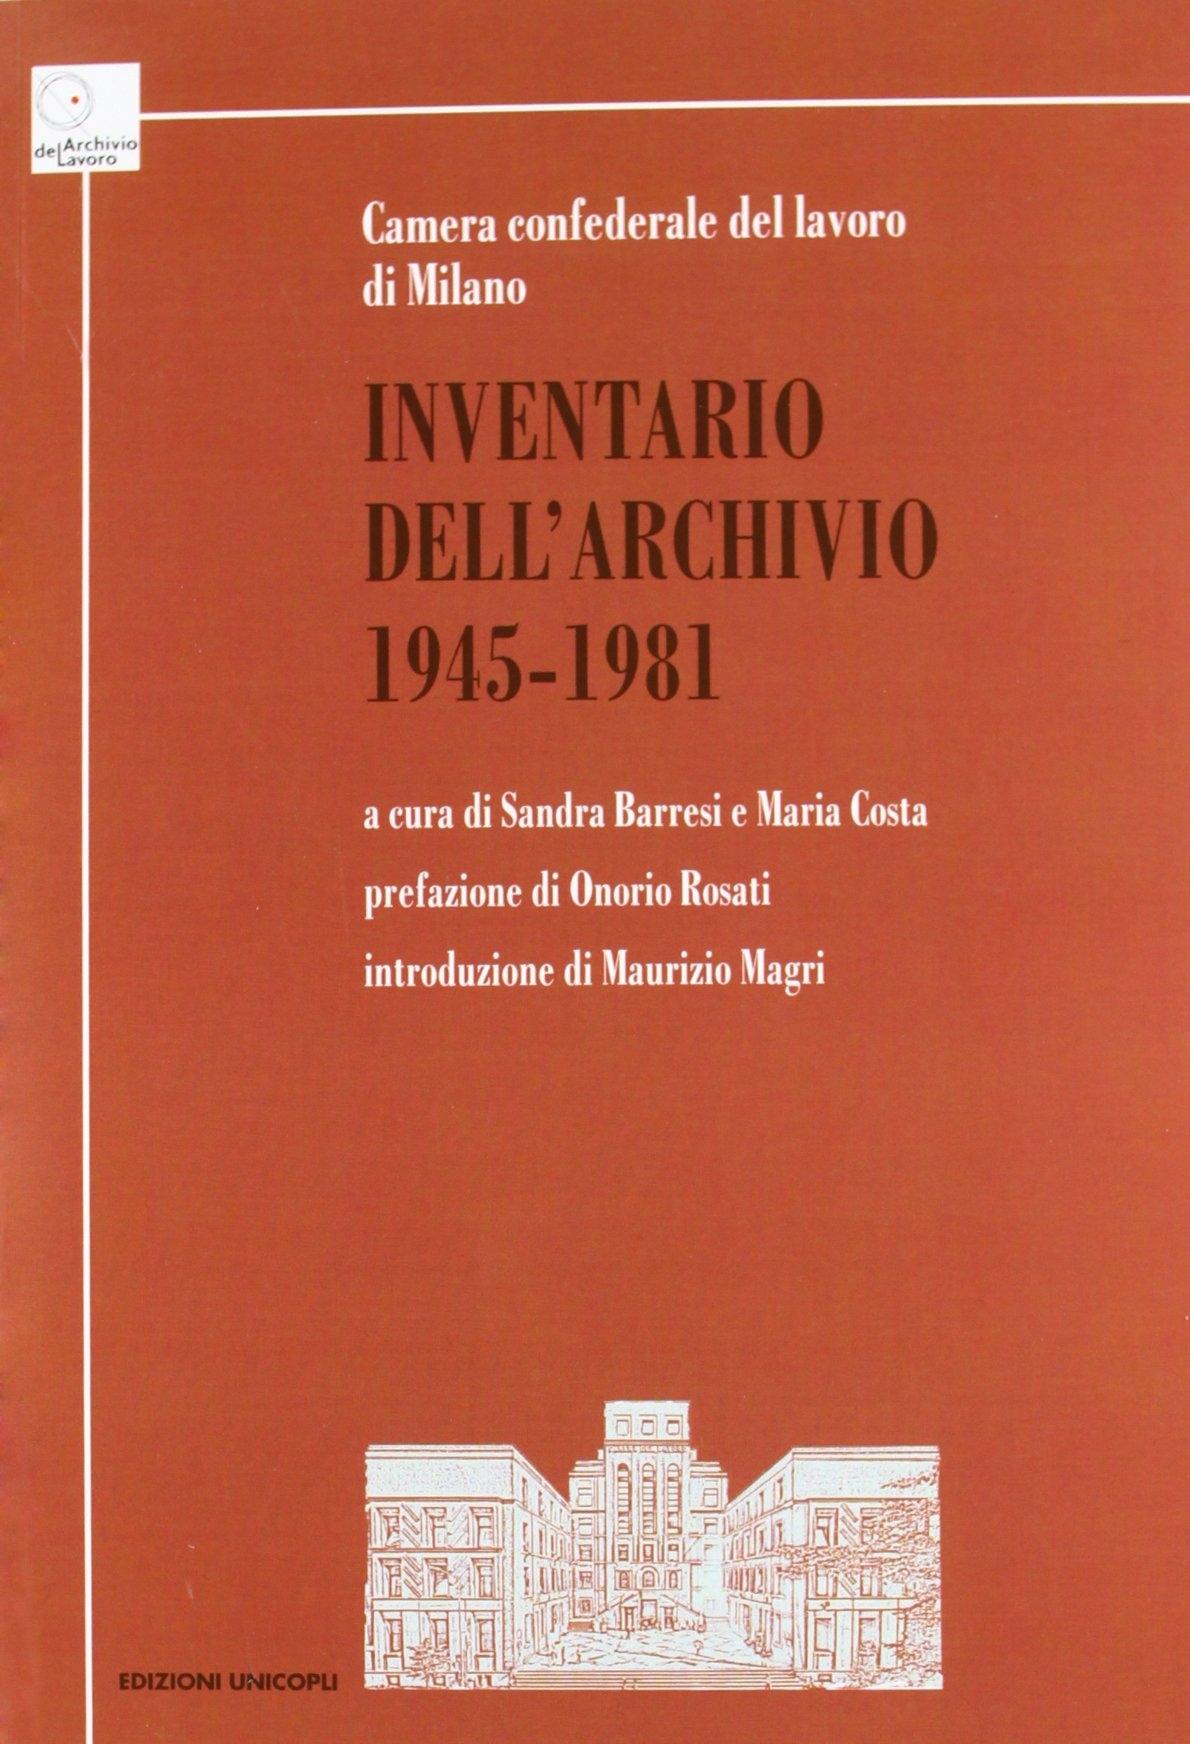 Inventario dell'Archivio 1945-1981. Camera confederale del lavoro di Milano.